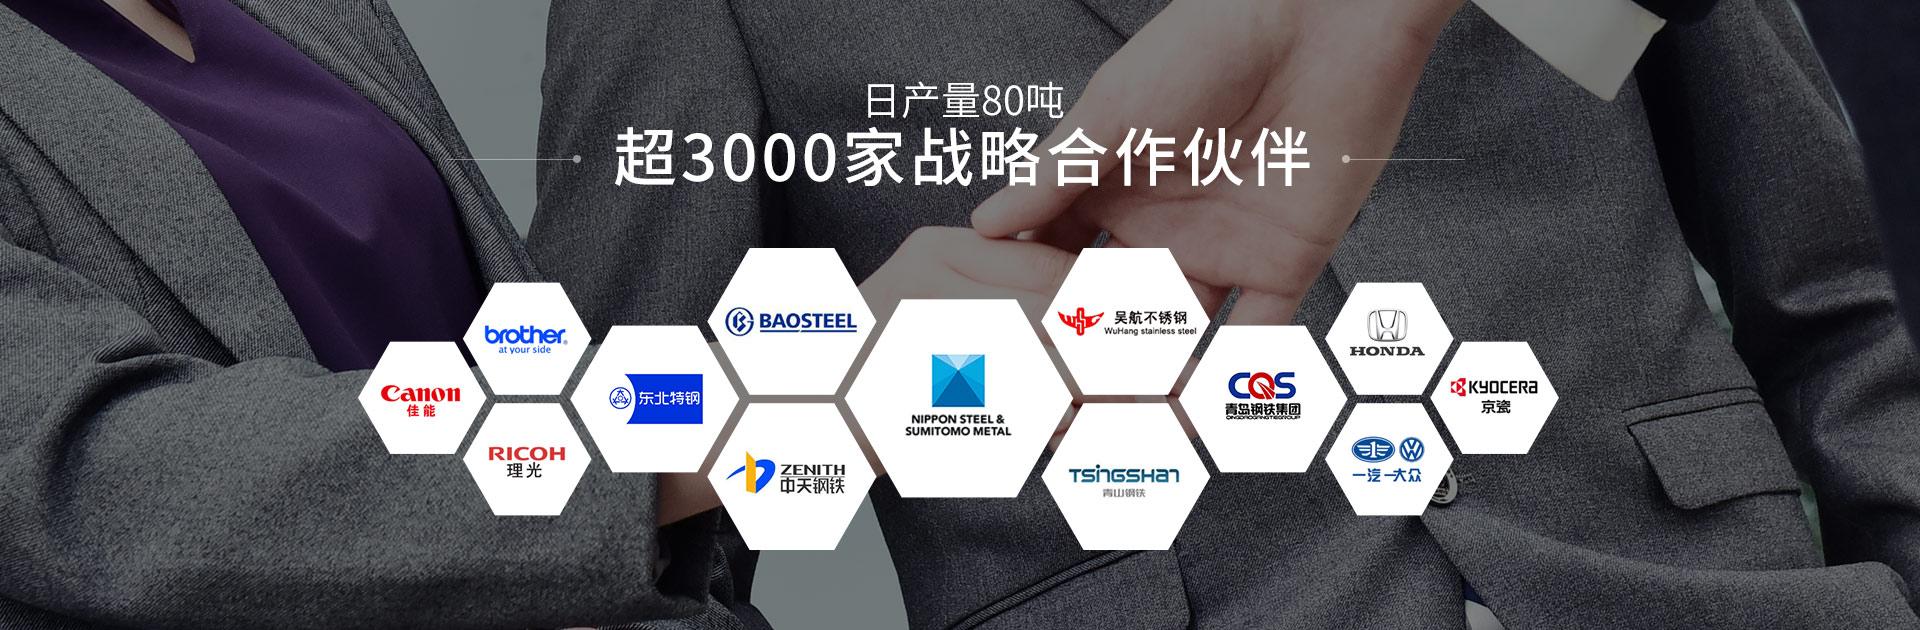 同一金属-超3000家战略合作伙伴